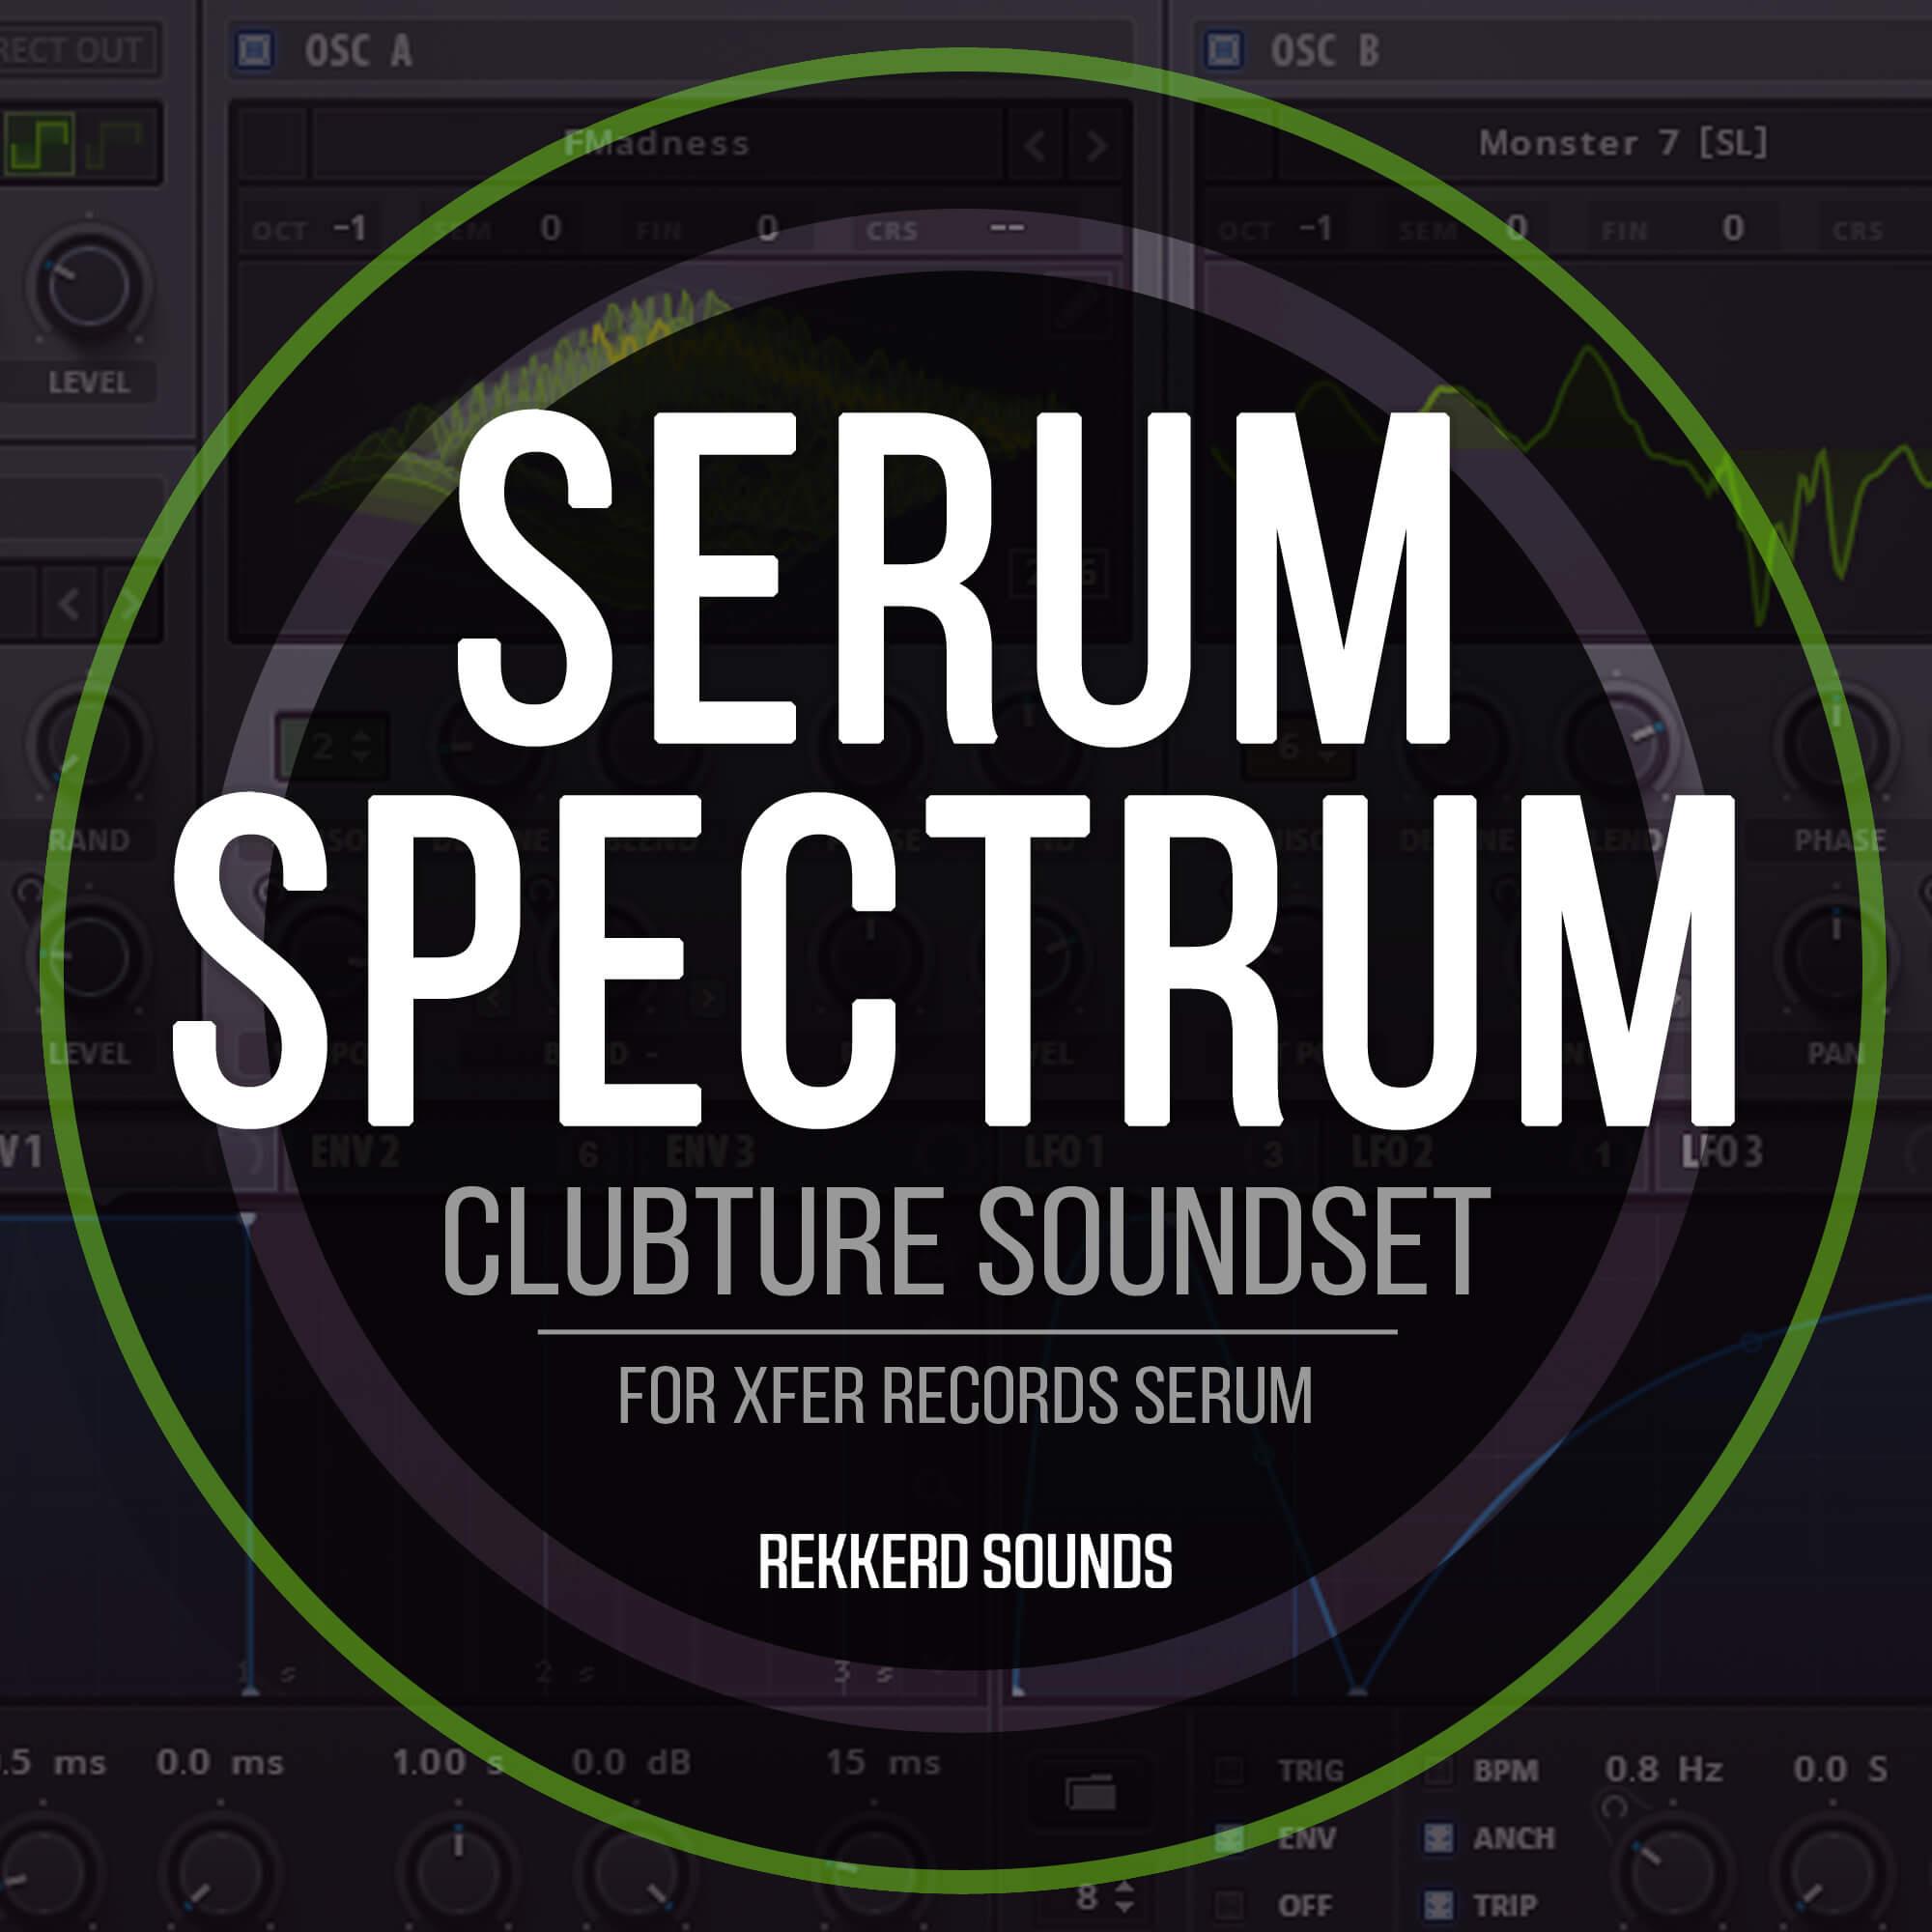 Serum Spectrum soundset for Xfer Serum at Rekkerd Sounds